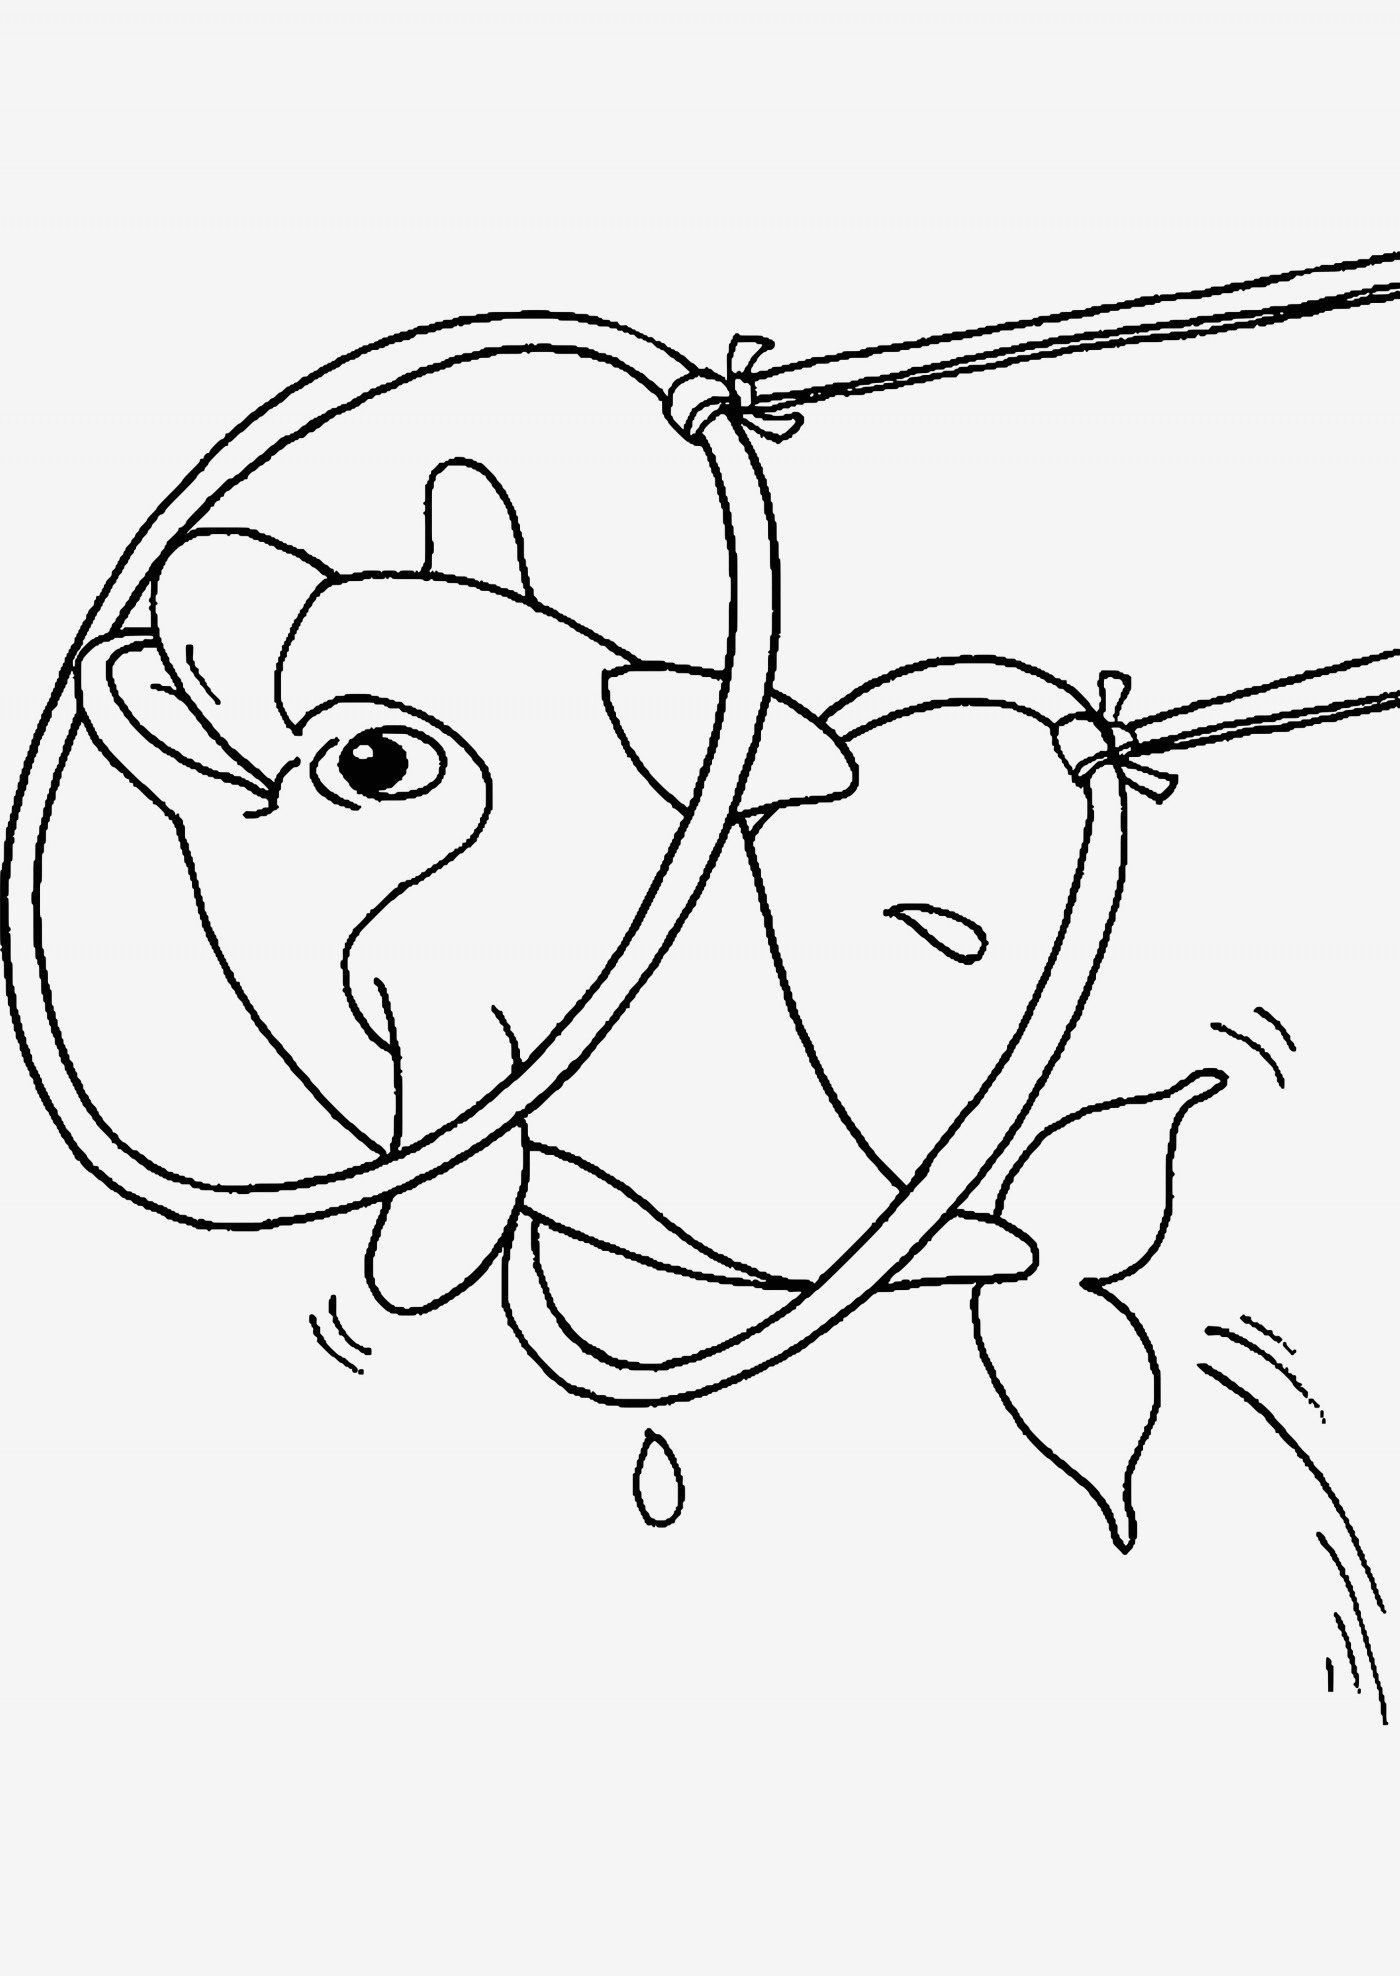 einzigartig ausmalbild delfine | ausmalbilder, ausmalen